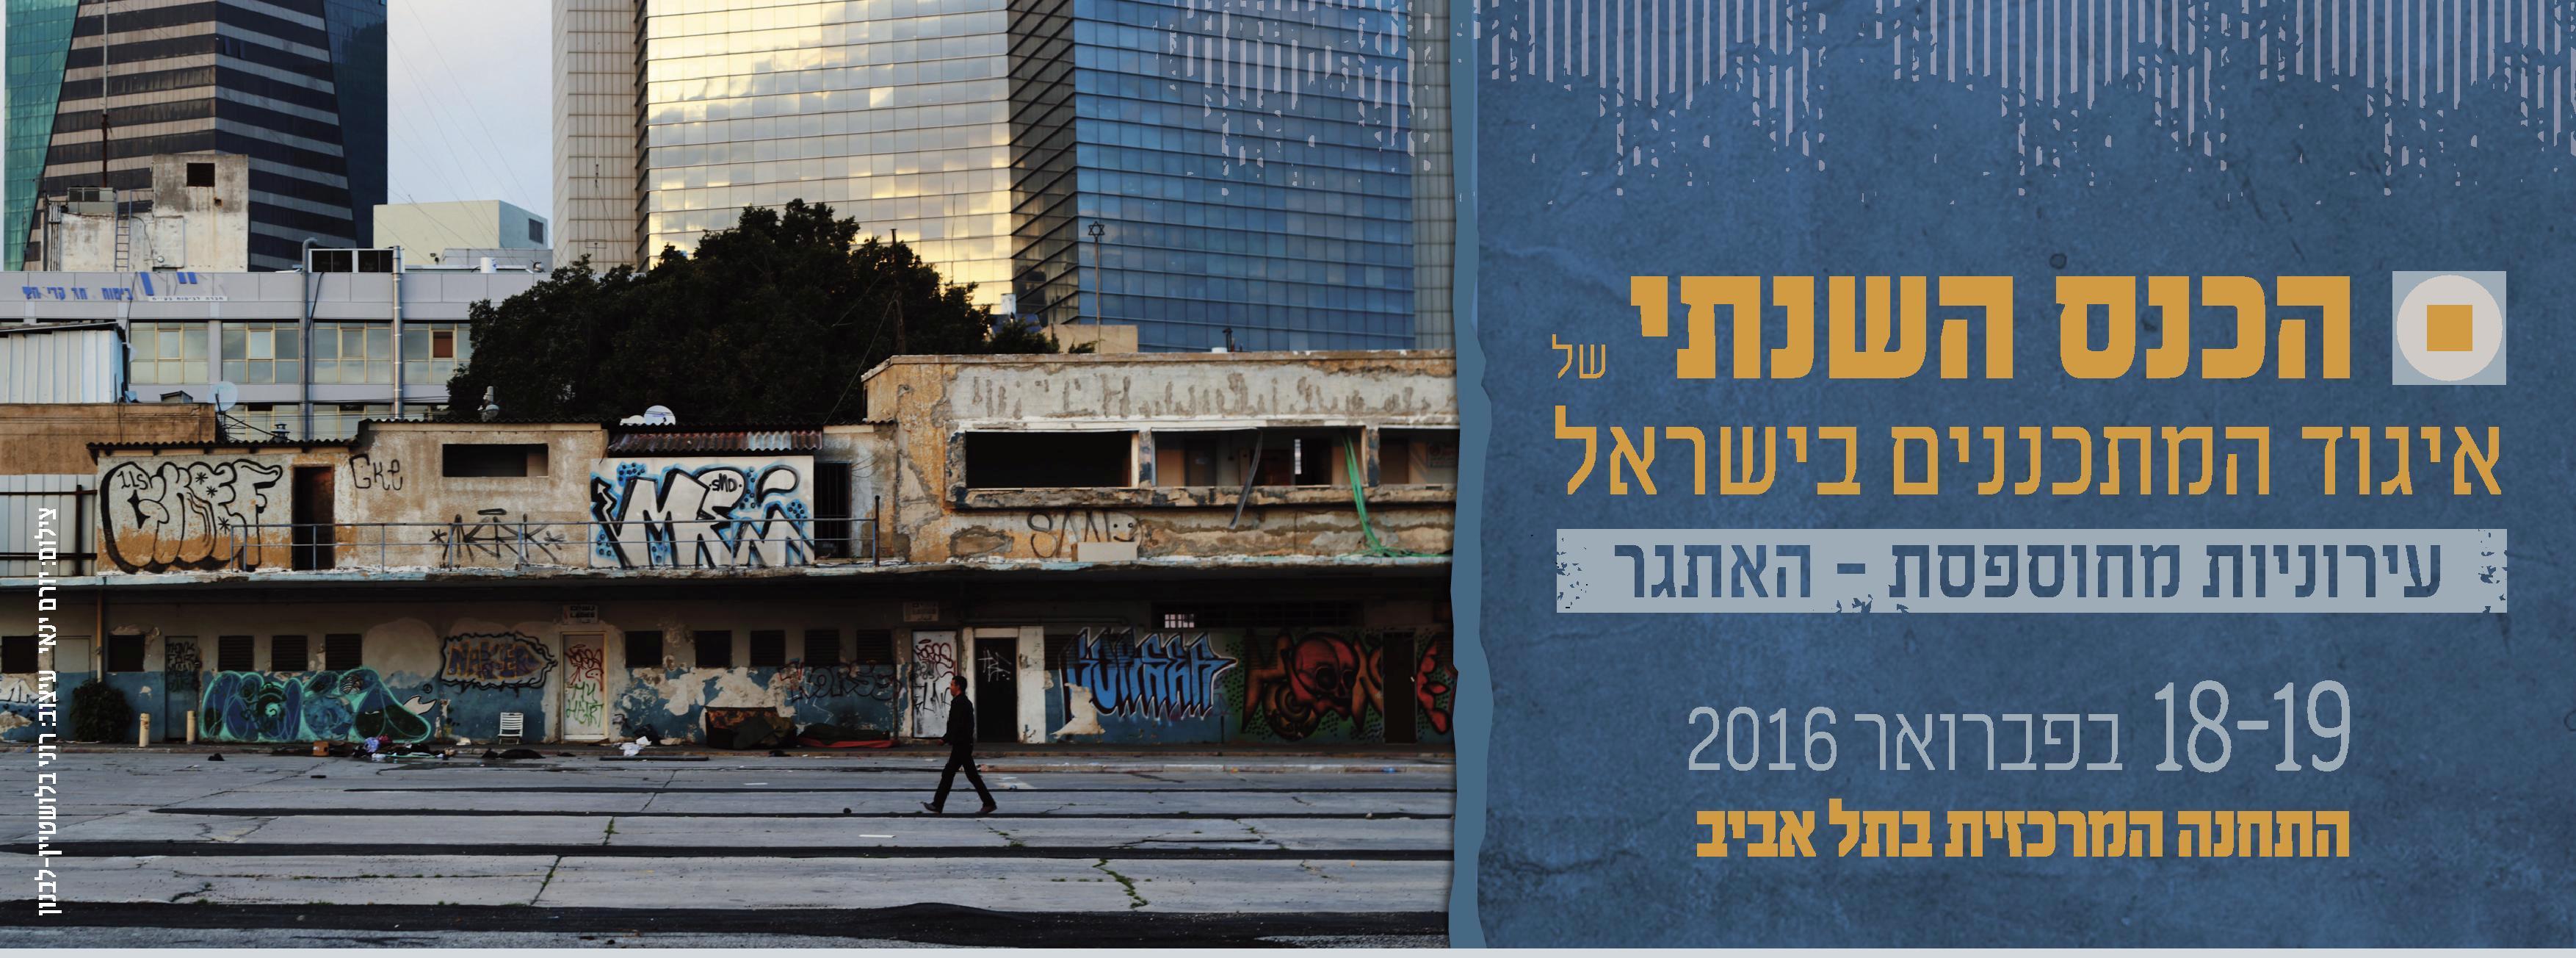 ההזמנה לכנס השנתי של איגוד המתכננים בתחנה המרכזית החדשה (צילום: יורם ינאי, עיצוב: רוני בלושטיין-לבנון)